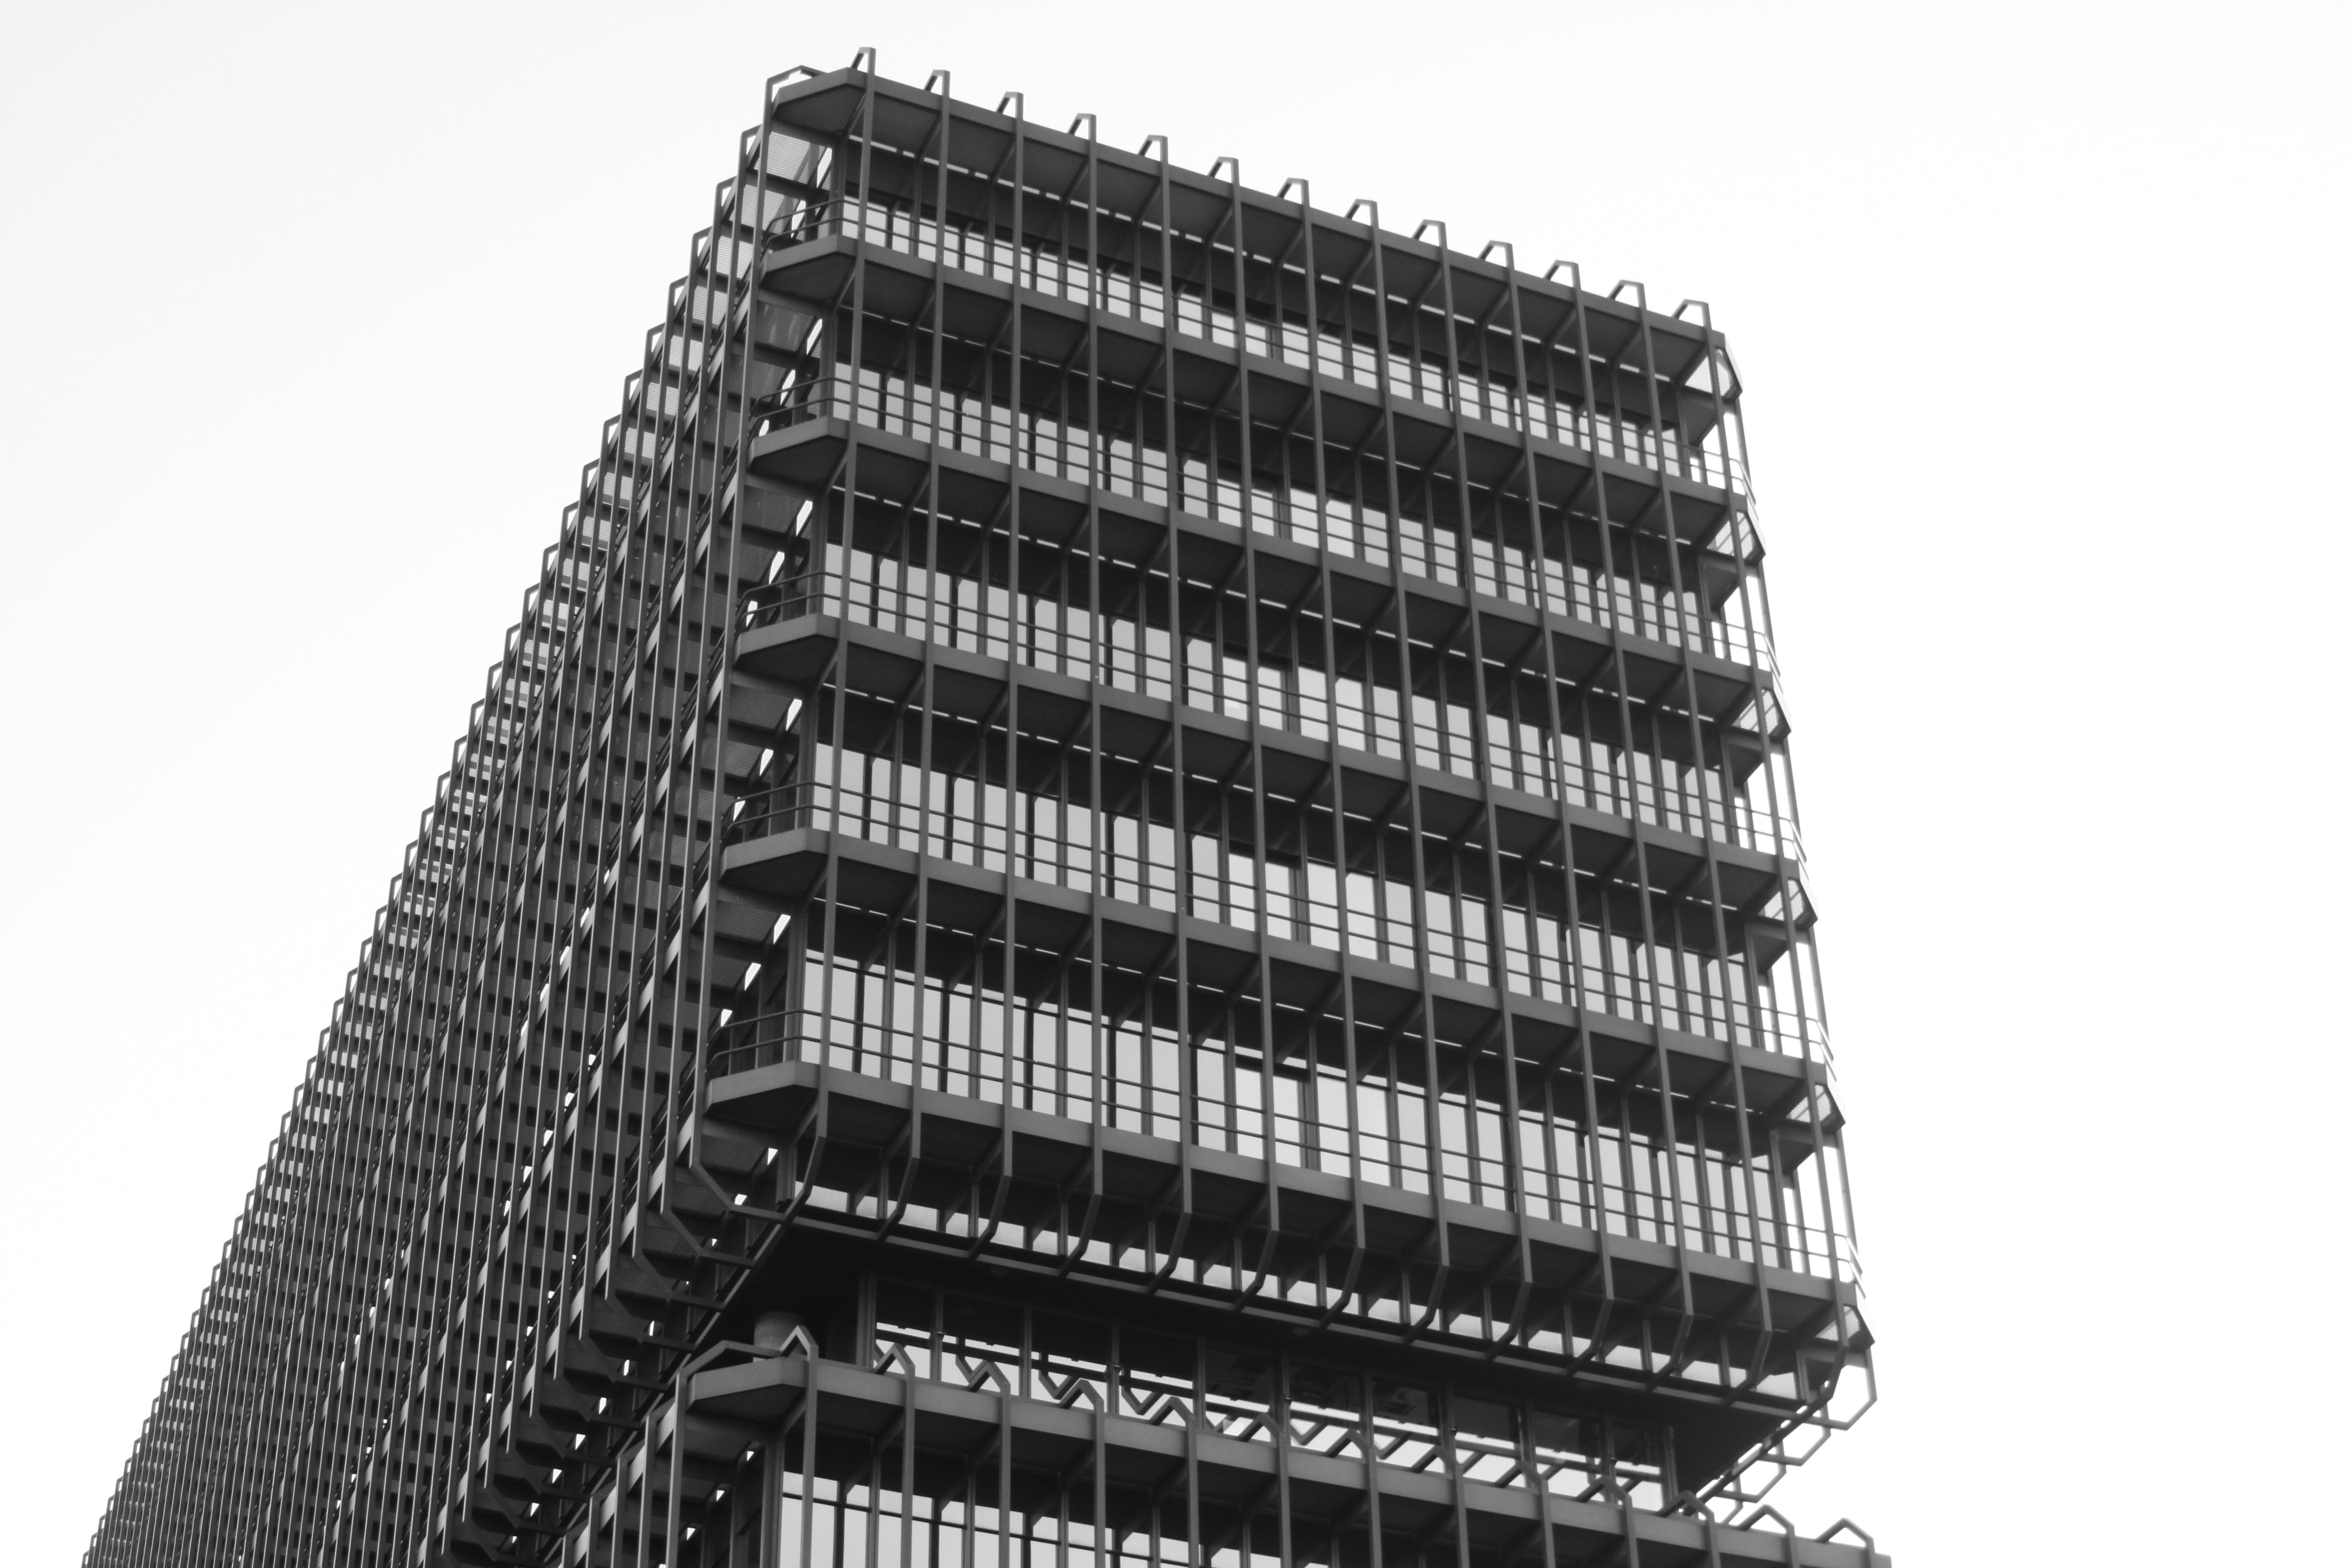 Gratis lagerfoto af arkitektur, bygning, glas, højhus